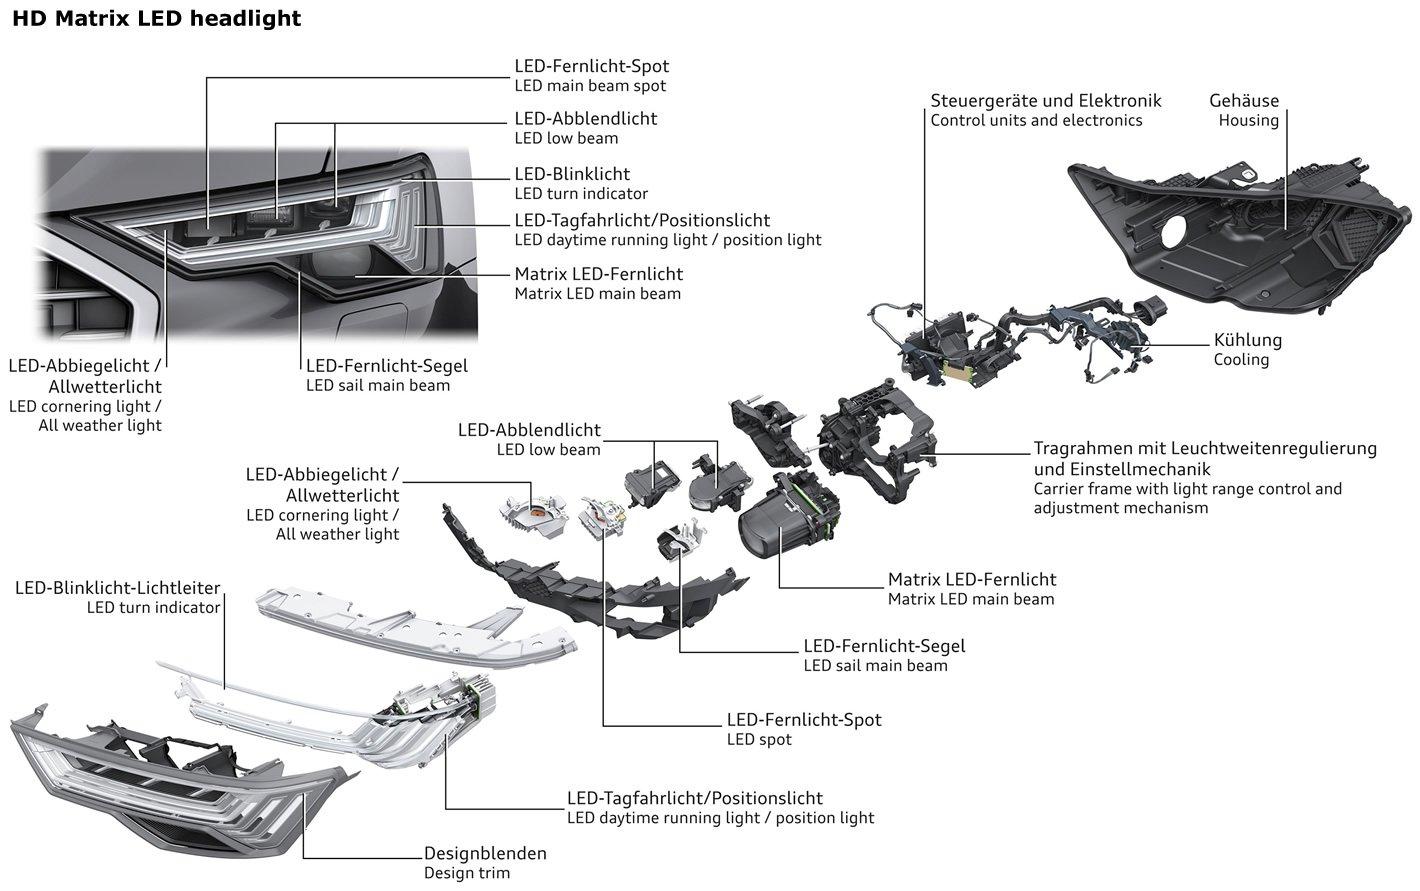 Audi HD Matrix LED